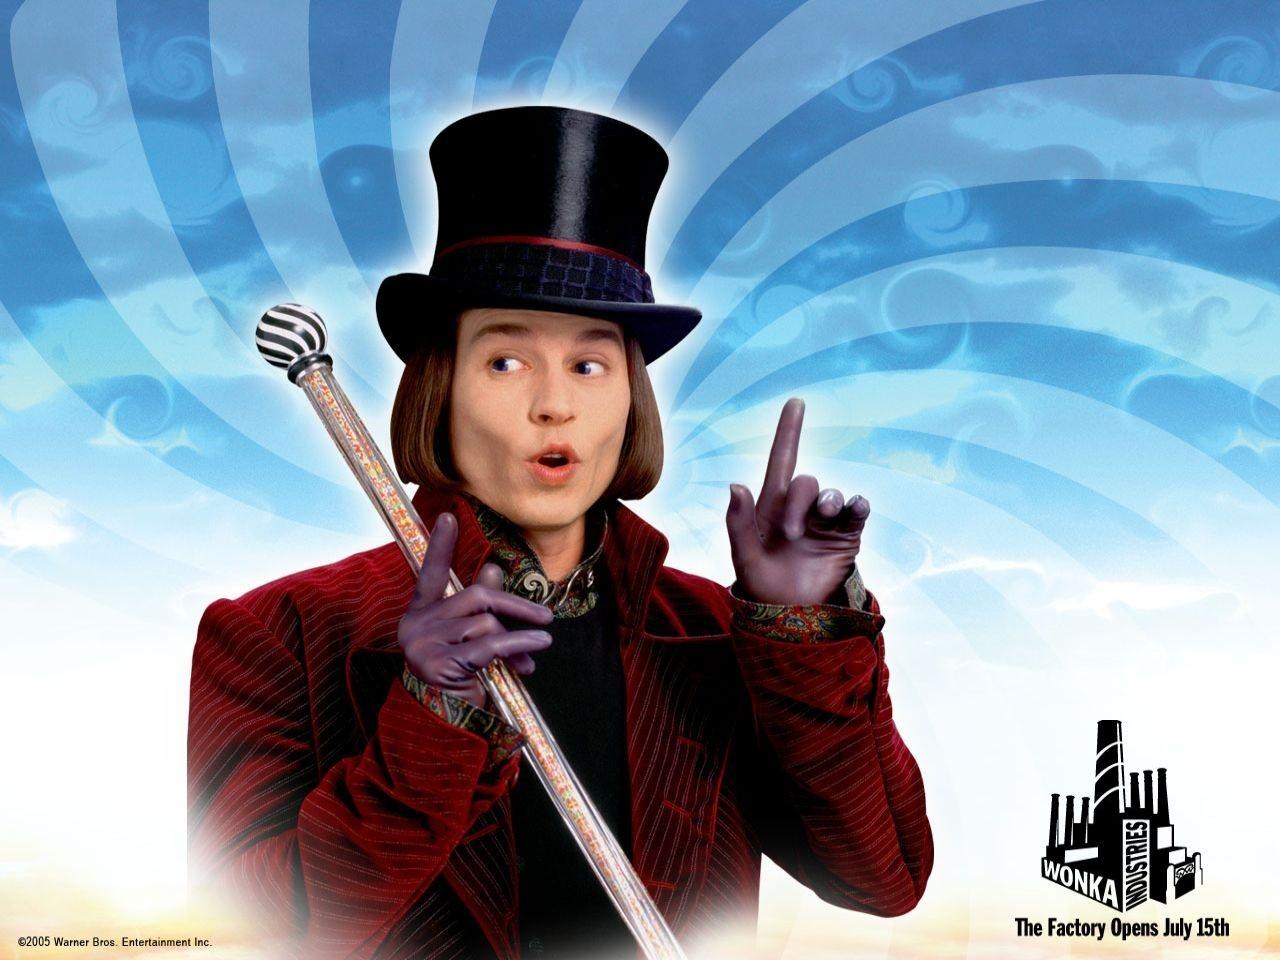 Wallpaper di Johnny Depp nel film La fabbrica di cioccolato